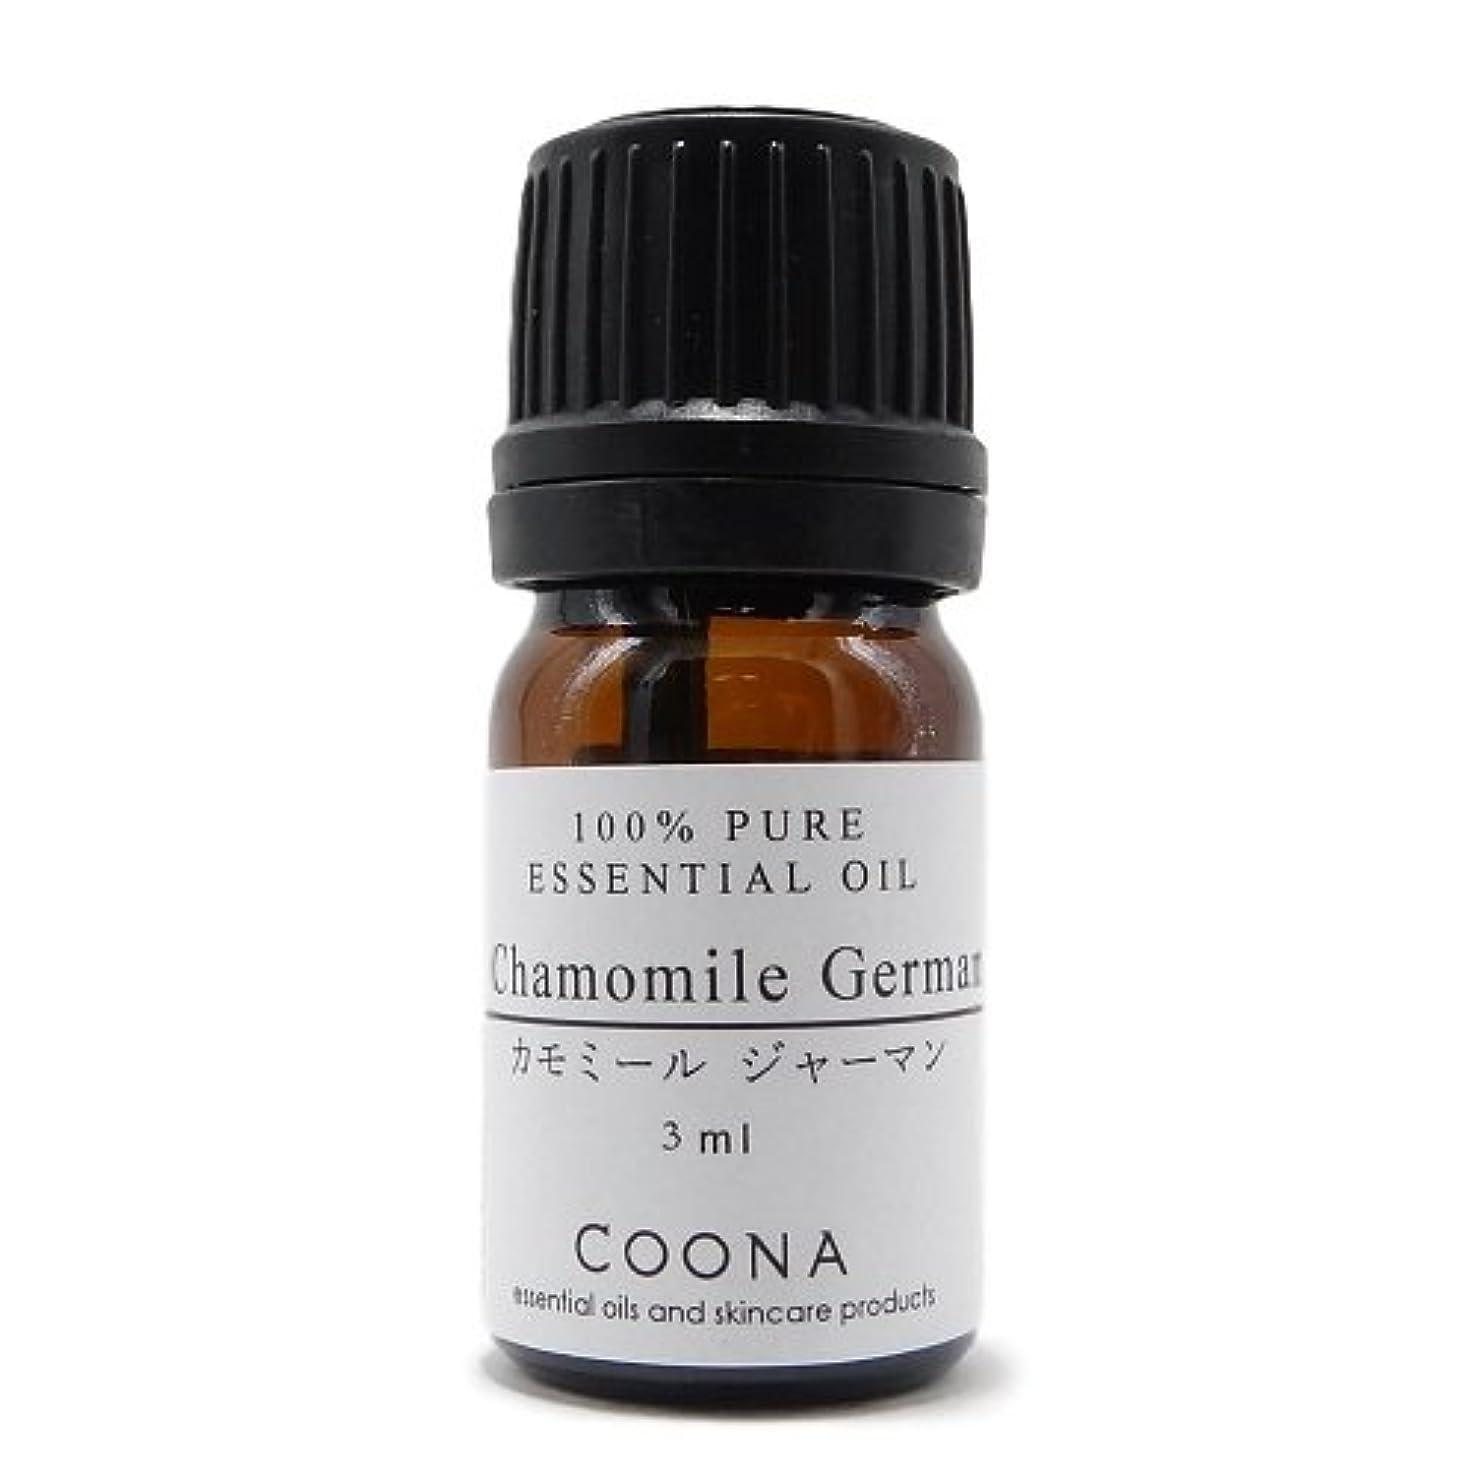 ユニークな可愛い間違いカモミール ジャーマン 3 ml (COONA エッセンシャルオイル アロマオイル 100% 天然植物精油)